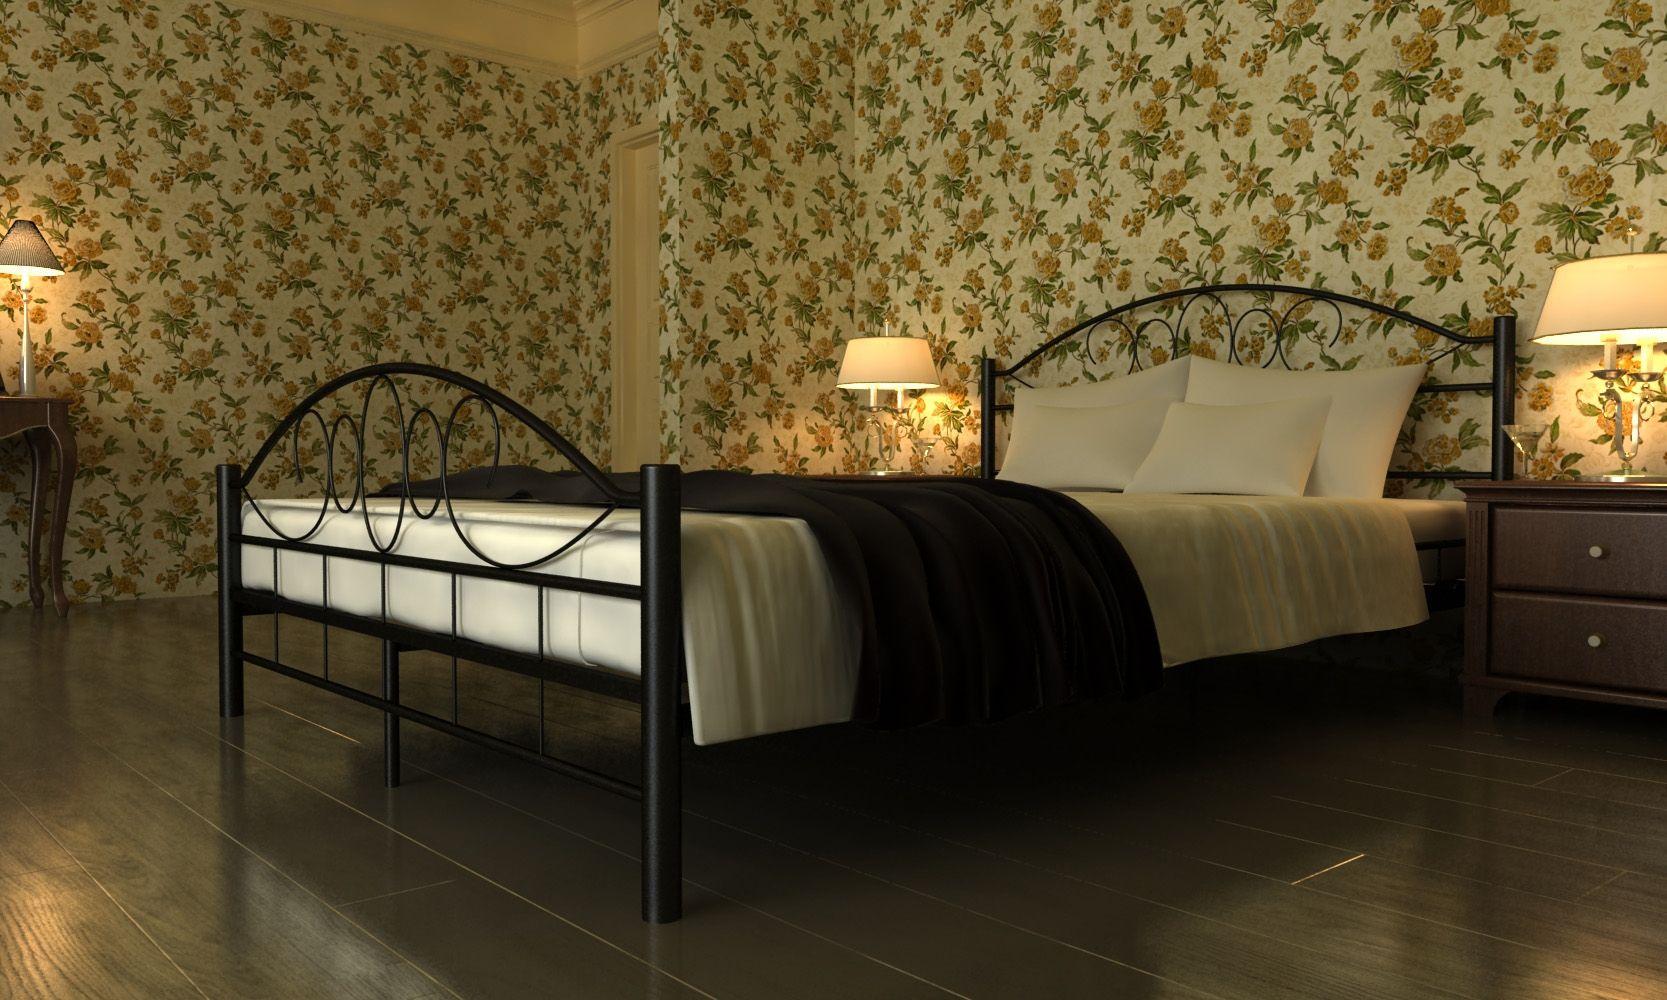 łóżko 140x200 Czarne Metalowe Małżeńskie Kute Stelaż Promocja